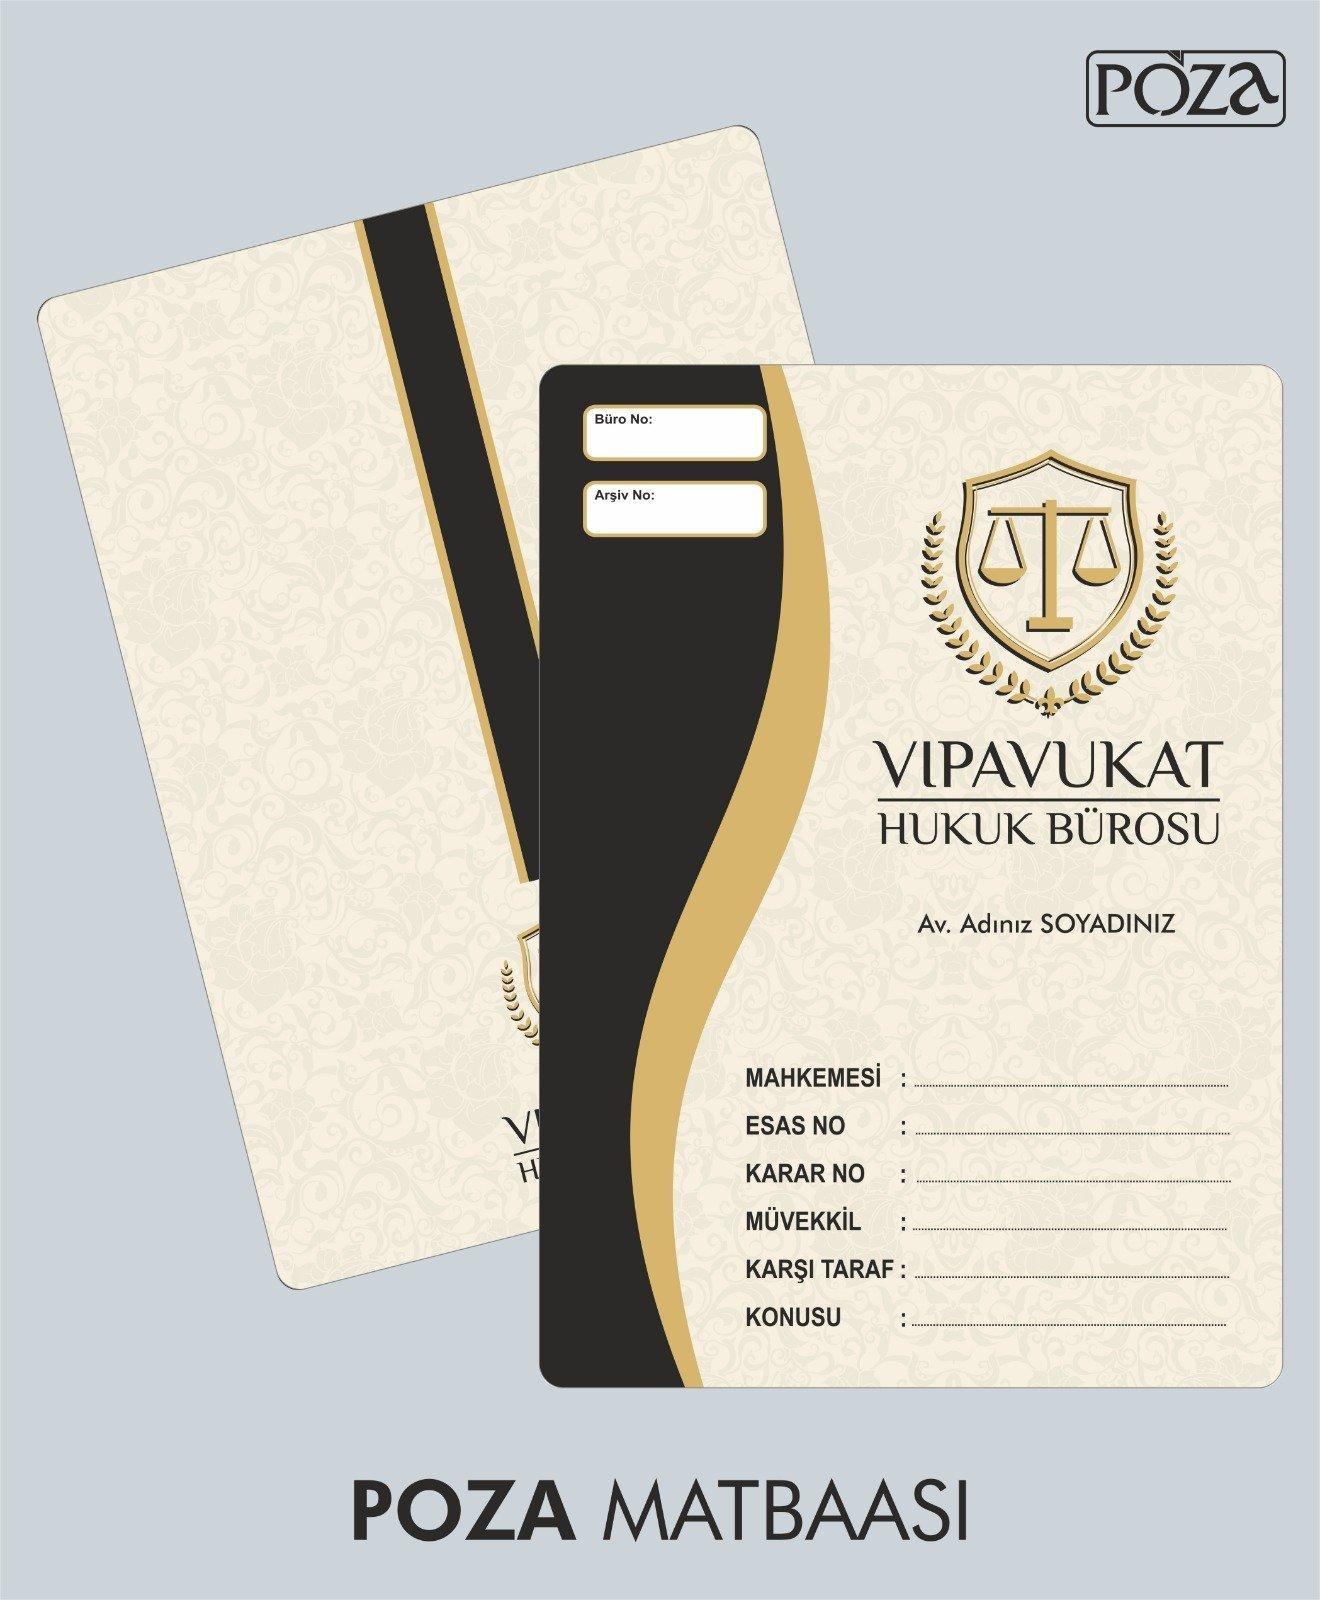 avukat büro dosyası model 9